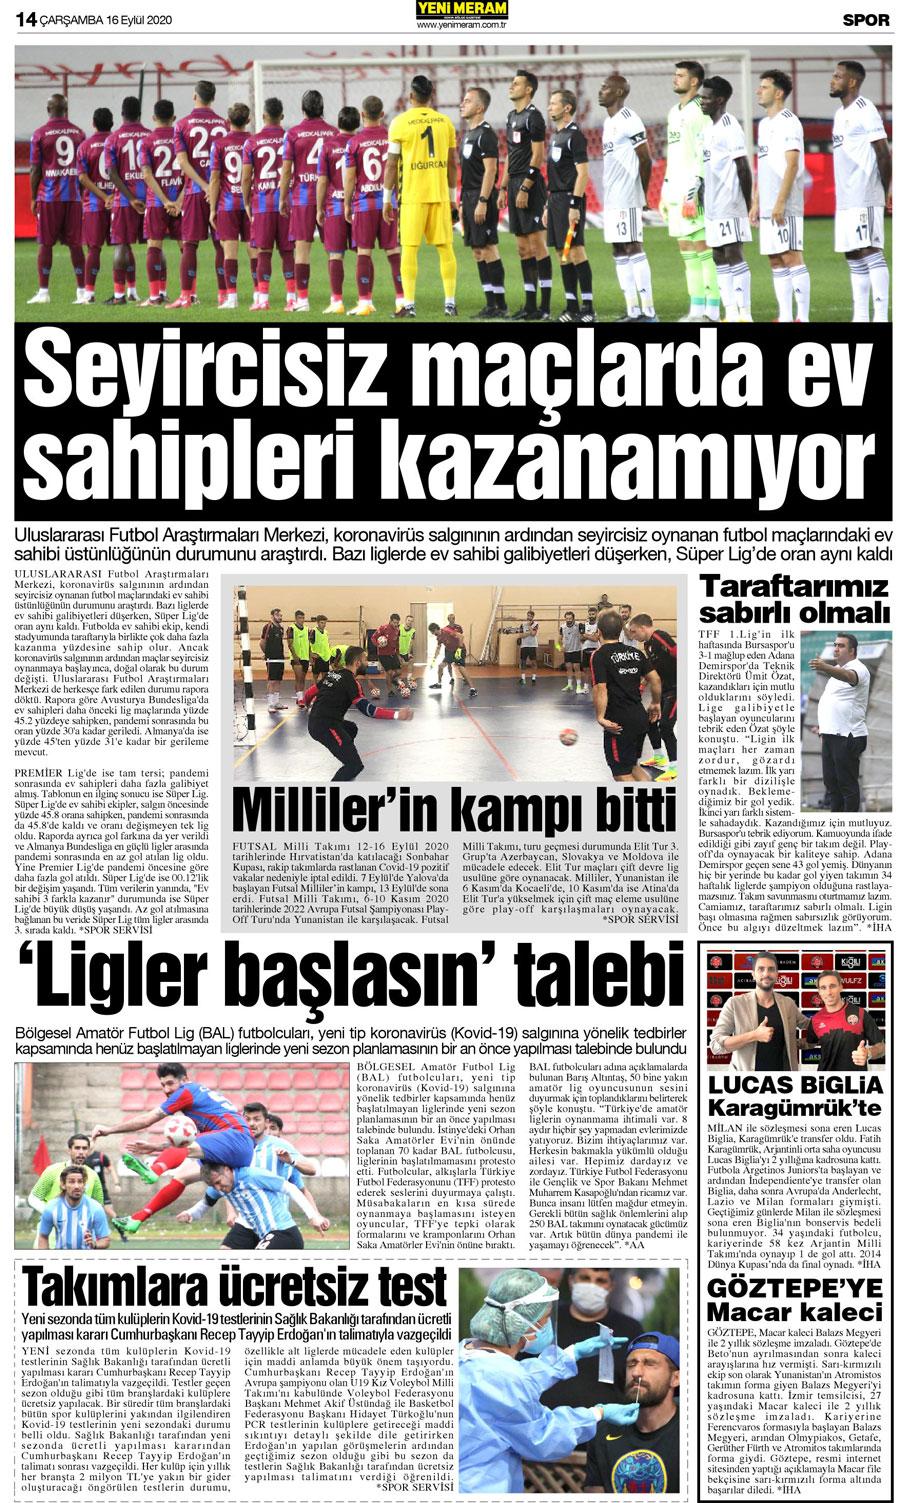 16 Eylül 2020 Yeni Meram Gazetesi